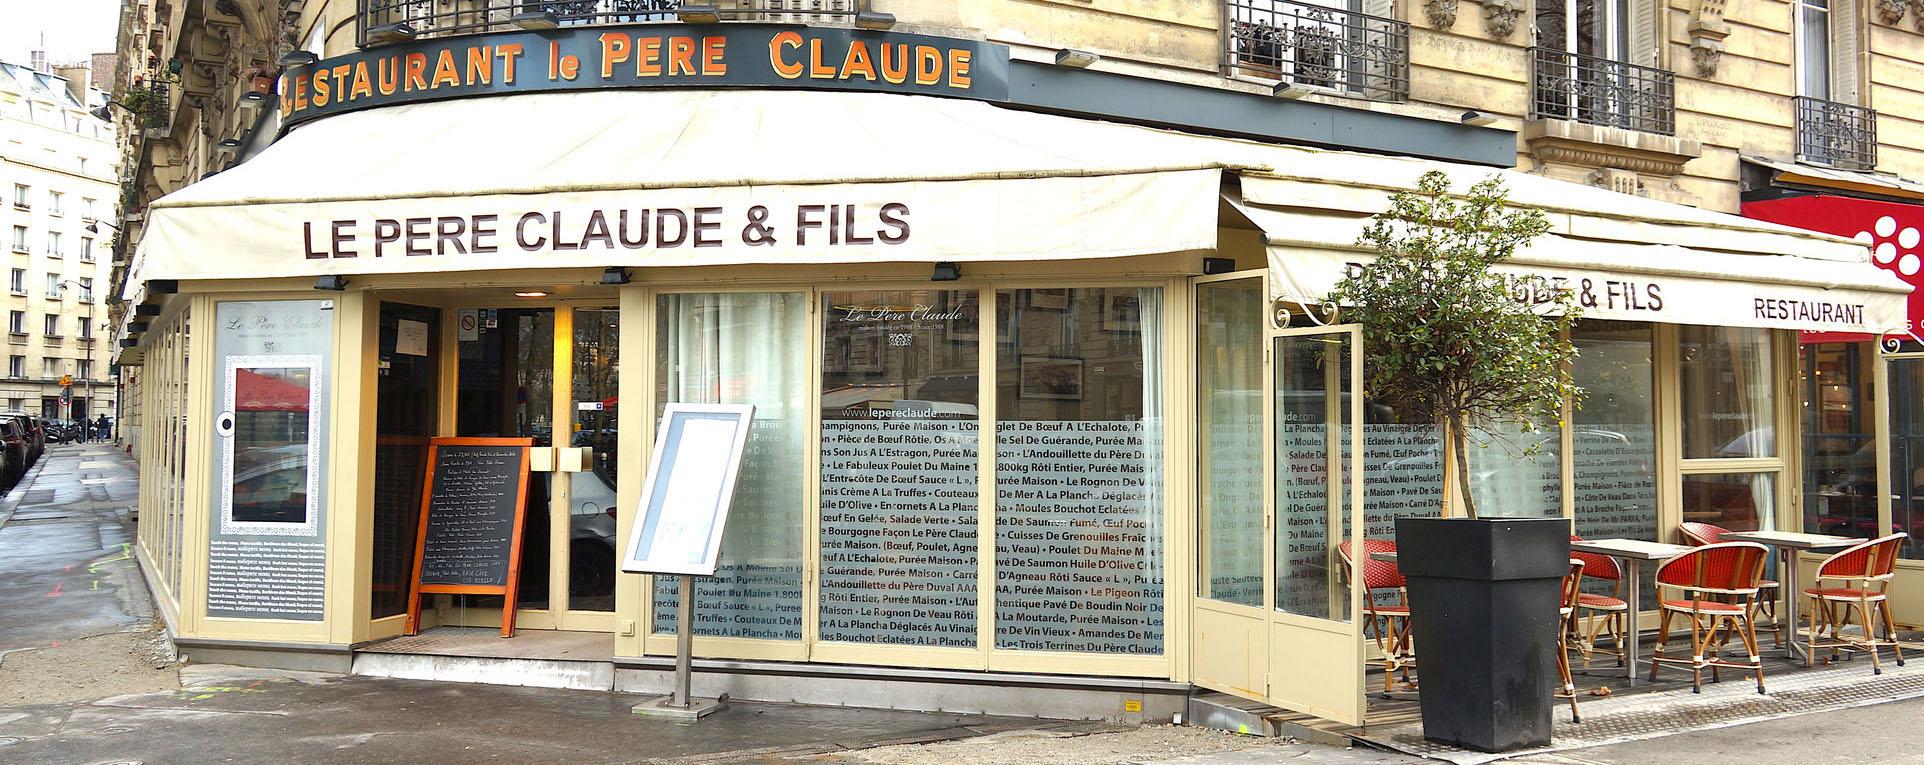 LE PERE CLAUDE - RESTAURANT